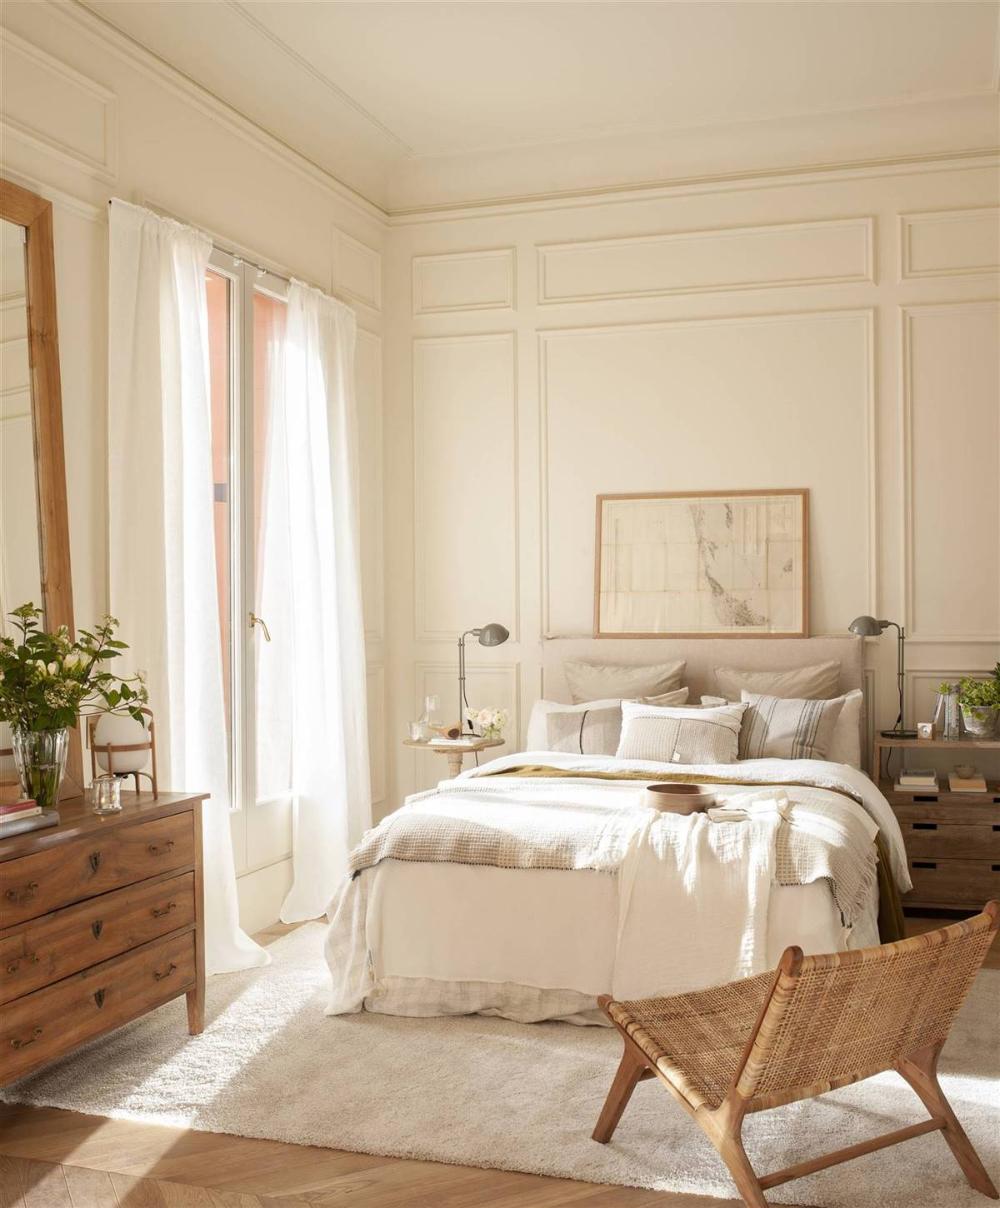 Una Alfombra A Cada Lado De La Cama Dormitorios Decoracion Del Dormitorio Blanco Disenos De Muebles De Dormitorio